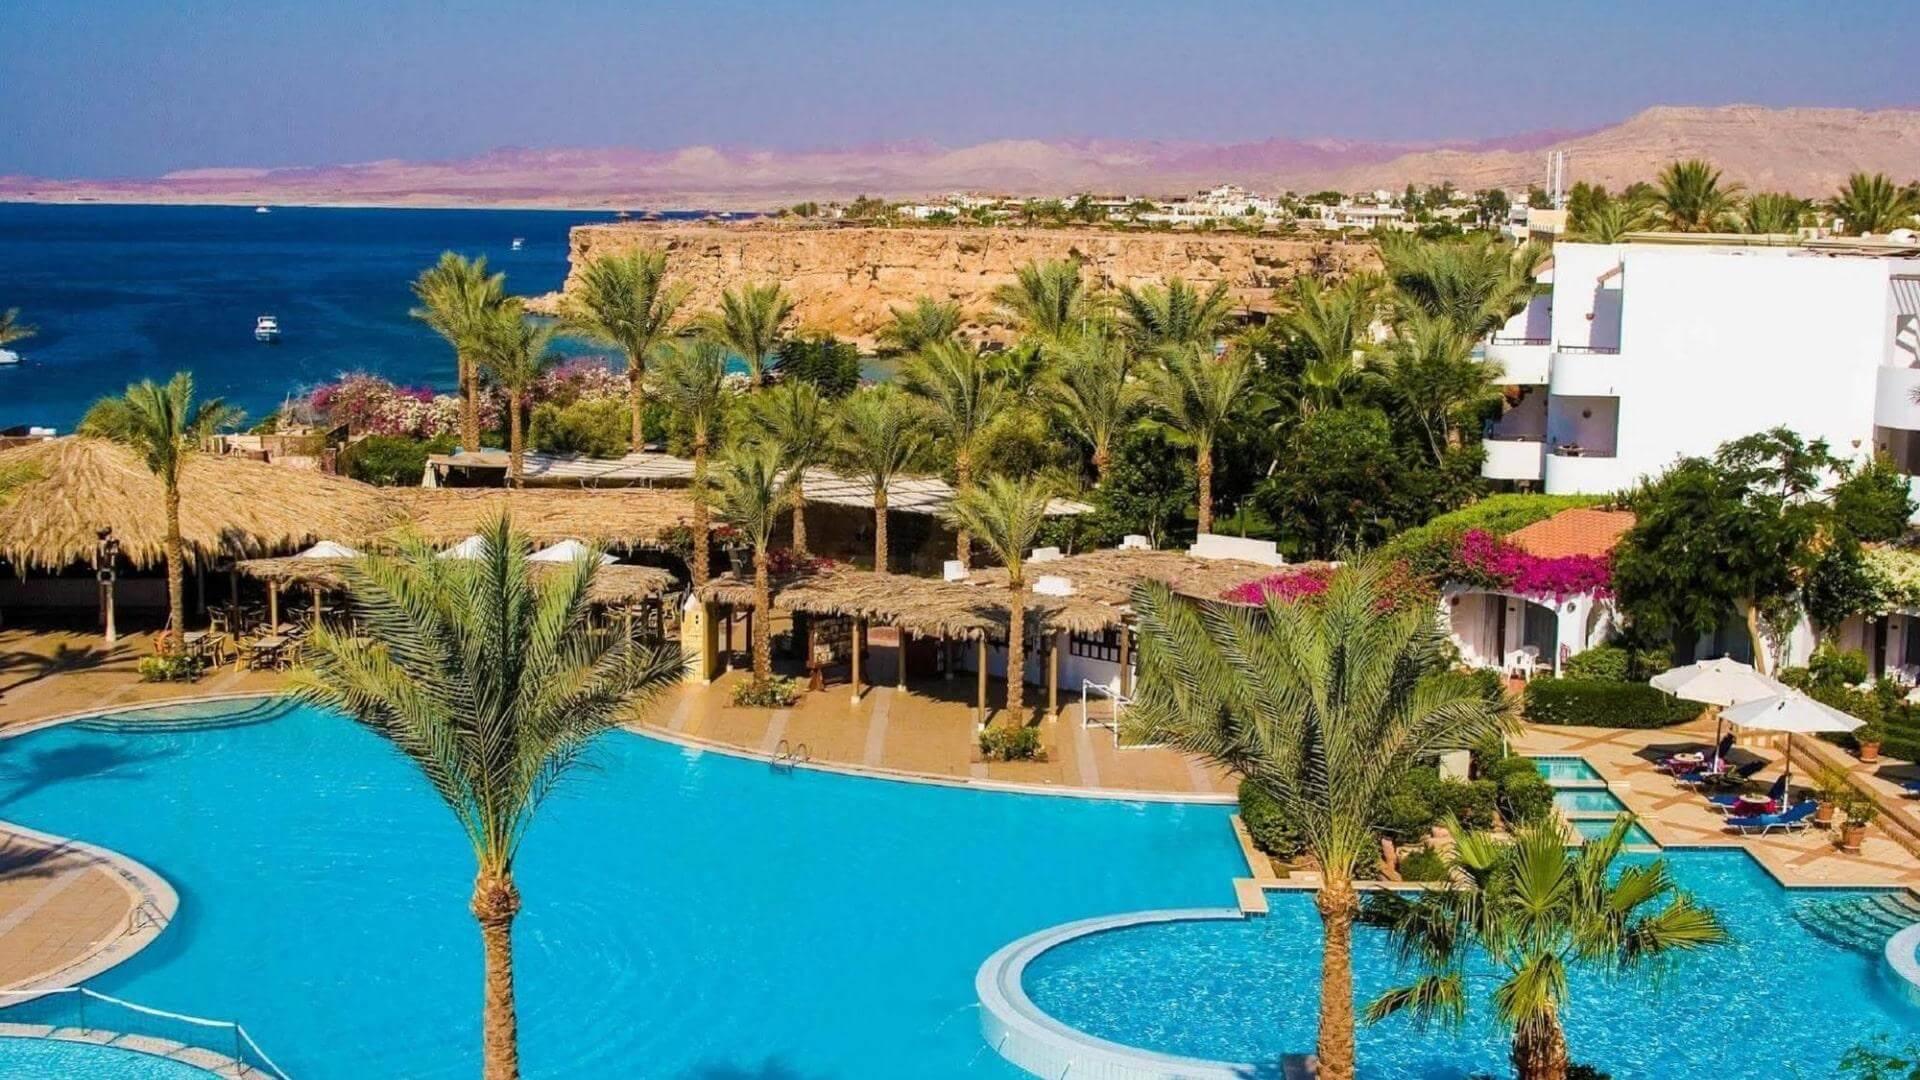 Фото отеля Jaz Fanara Resort & Residence 4* в Шарме